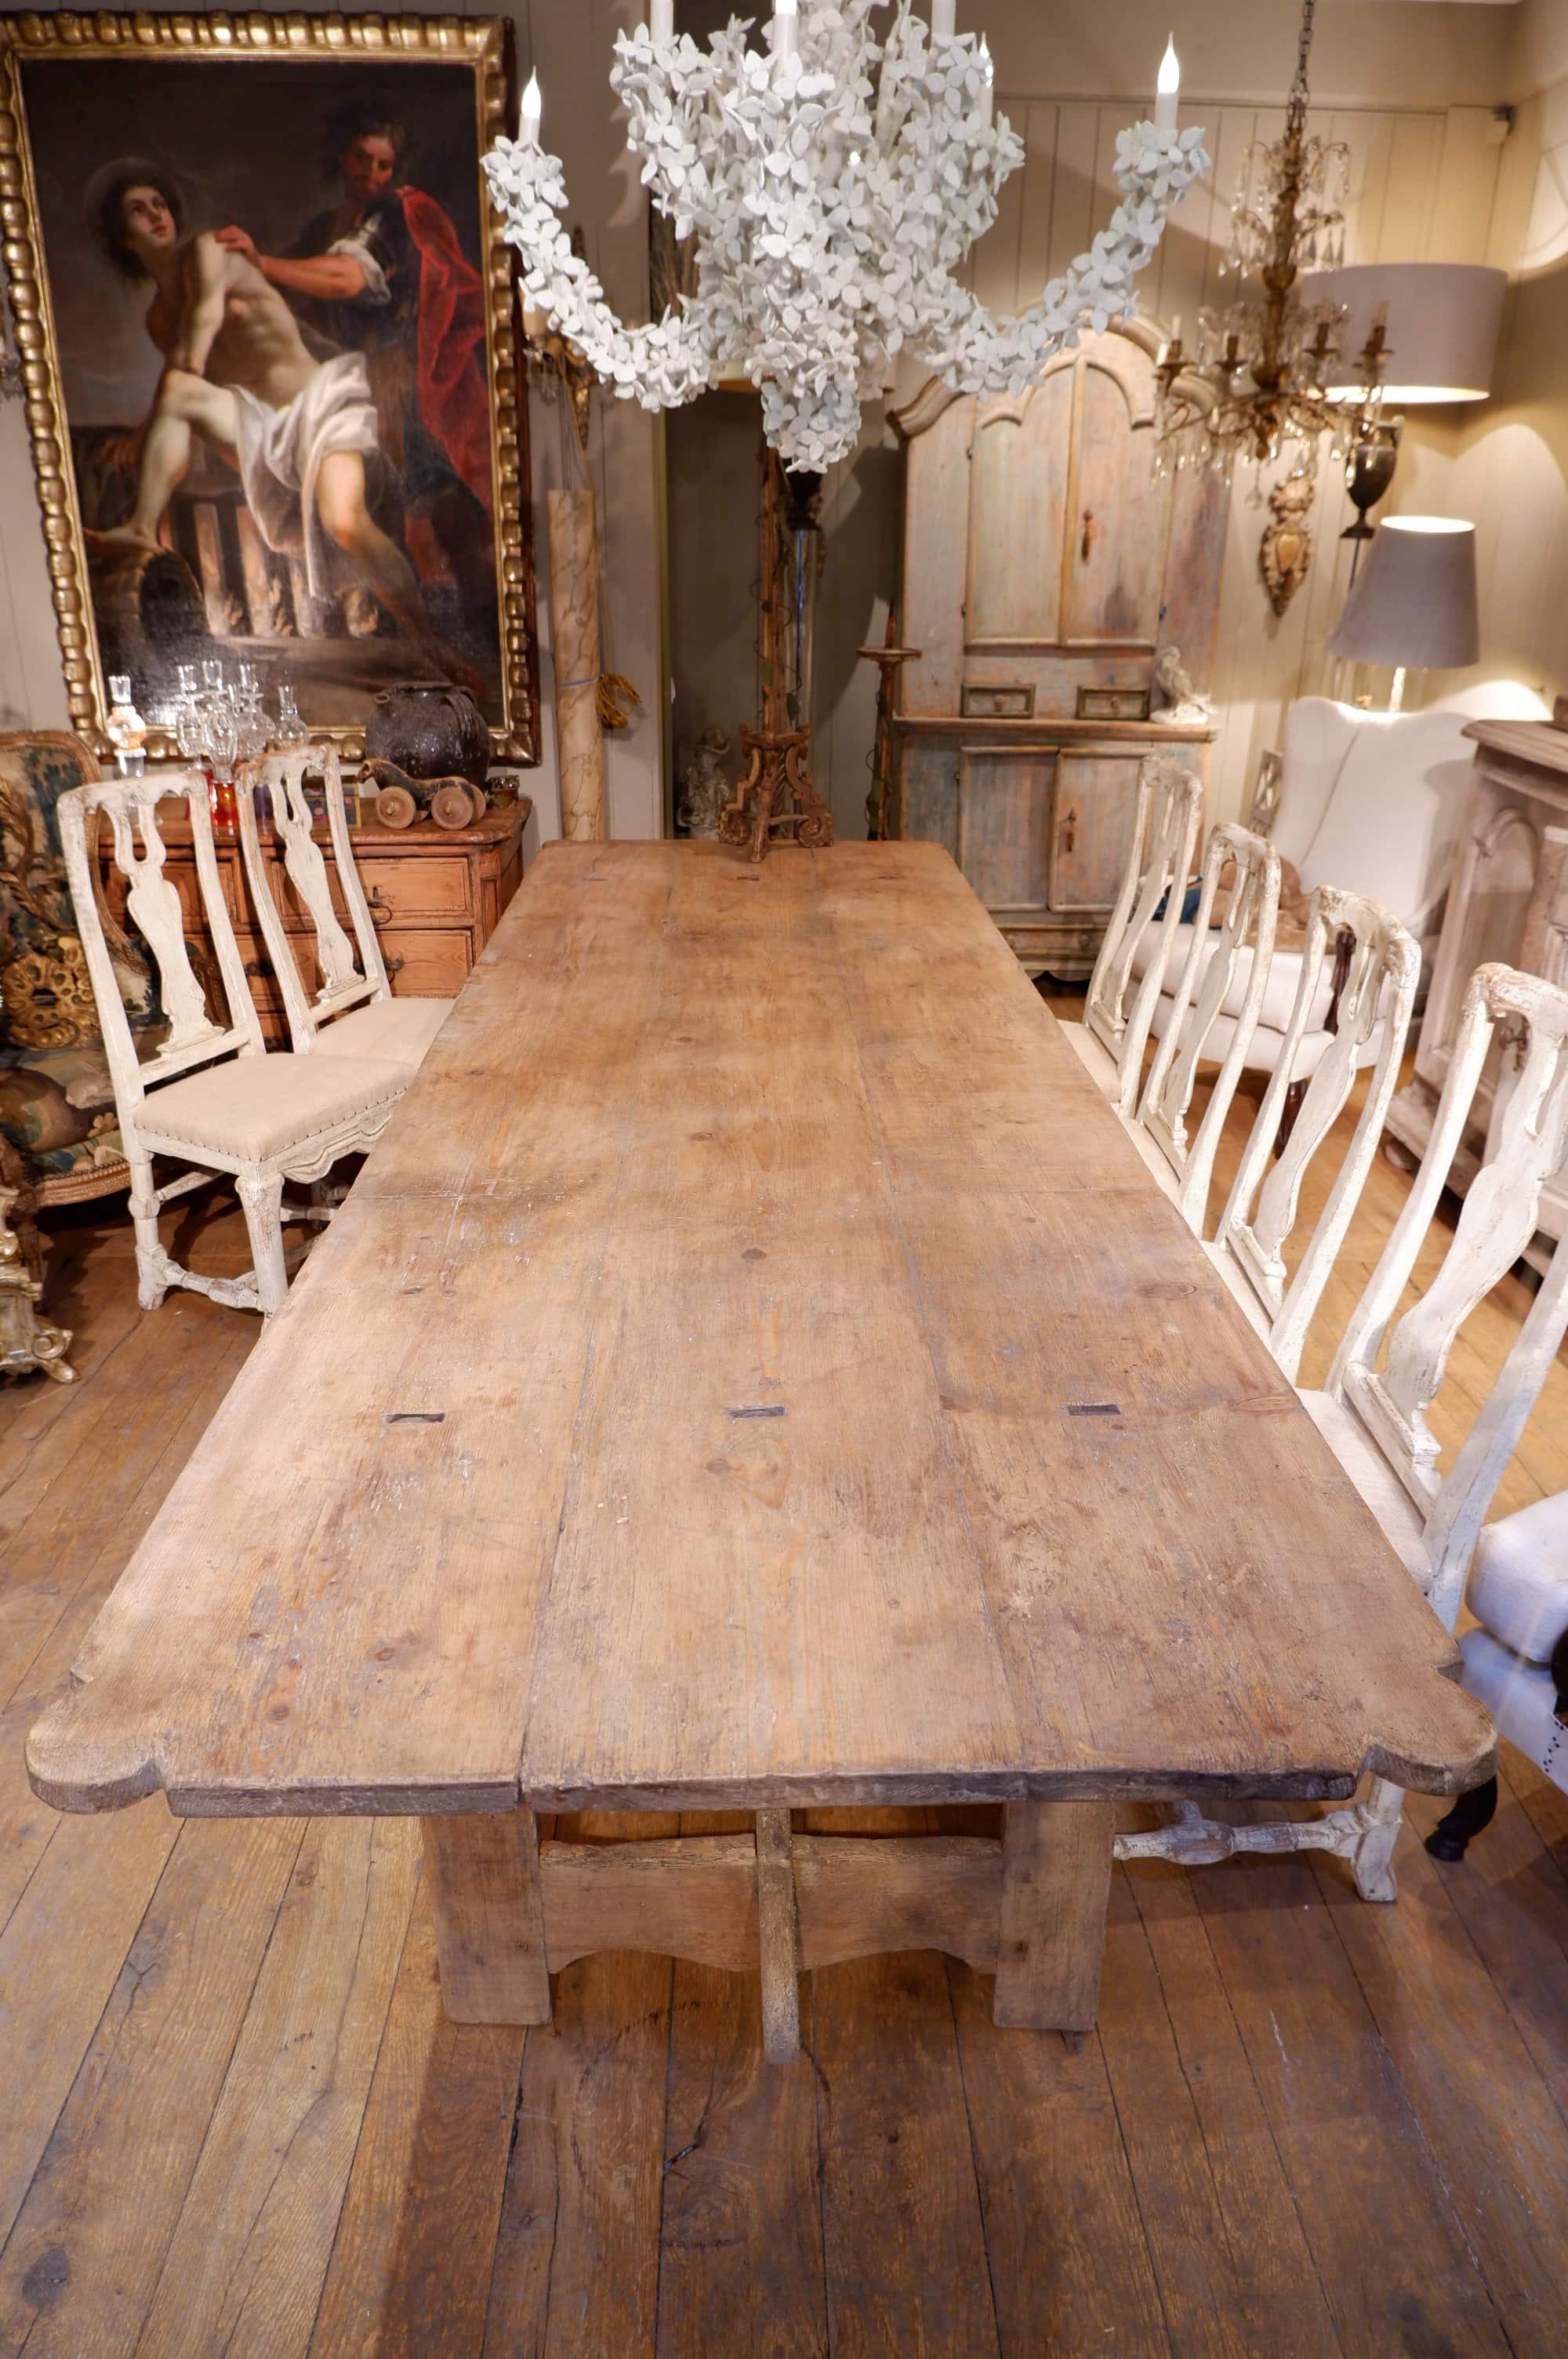 Grande table de couvent en sapin clair- France fin XVIIe